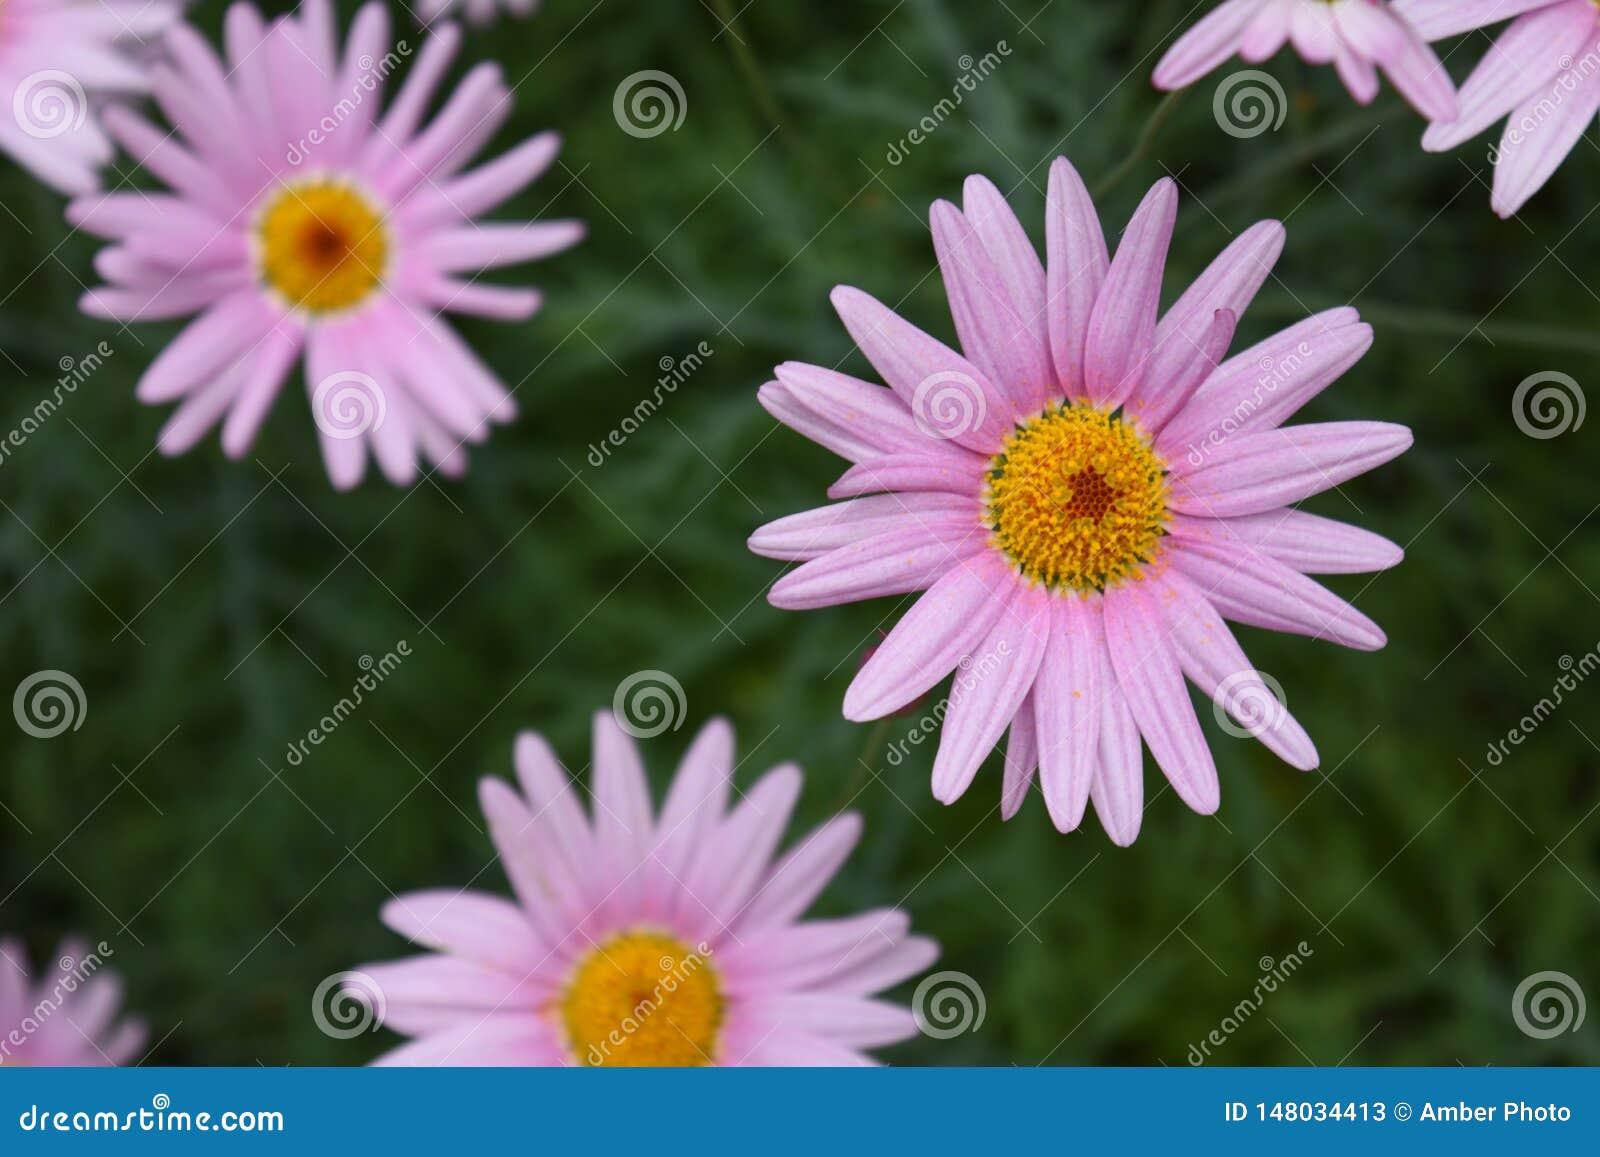 Light Purple Pink Daisy Flowers Blossom